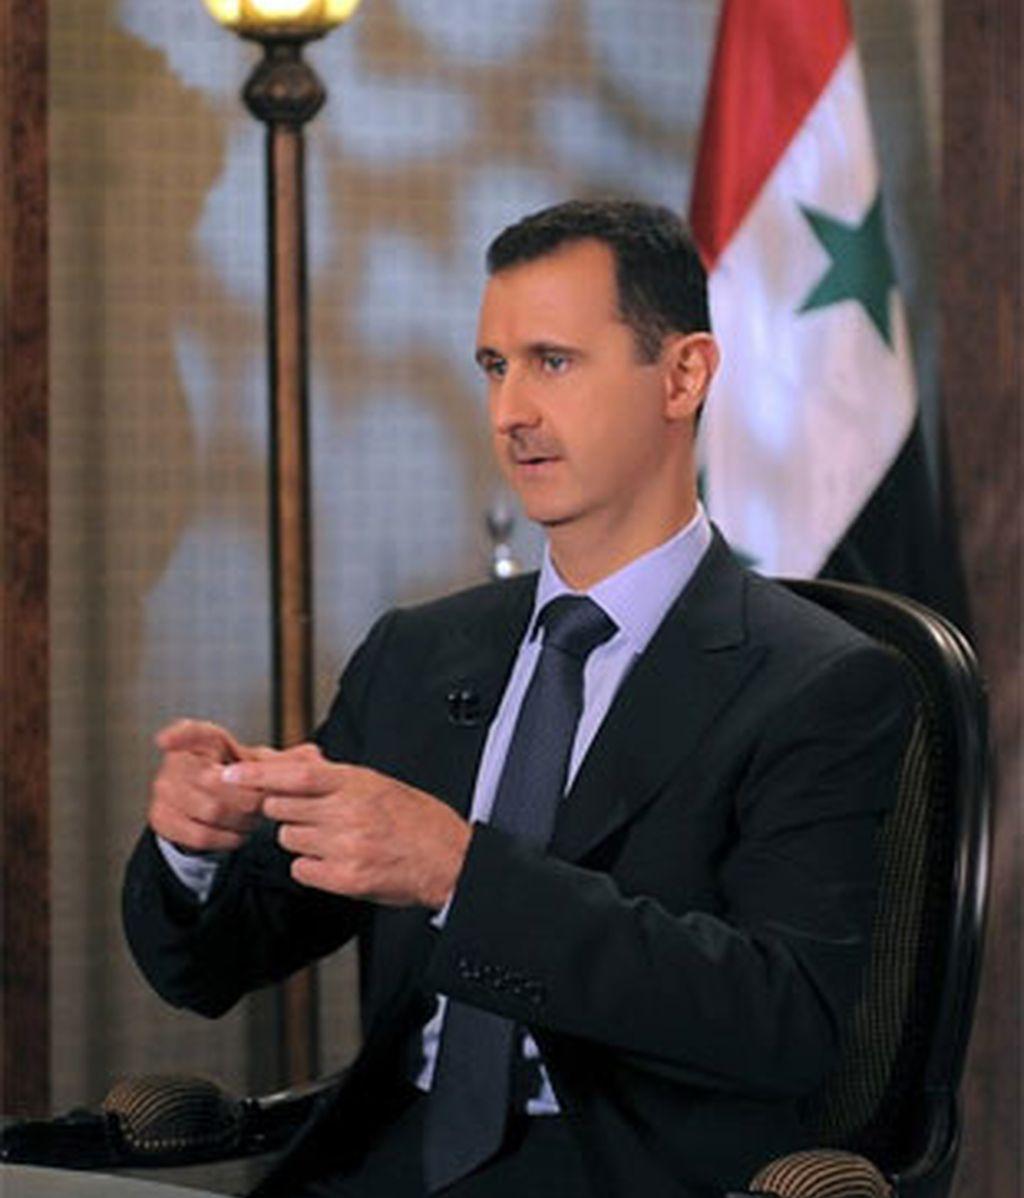 El presidente sirio se niega a abandonar el poder. Video: ATLAS